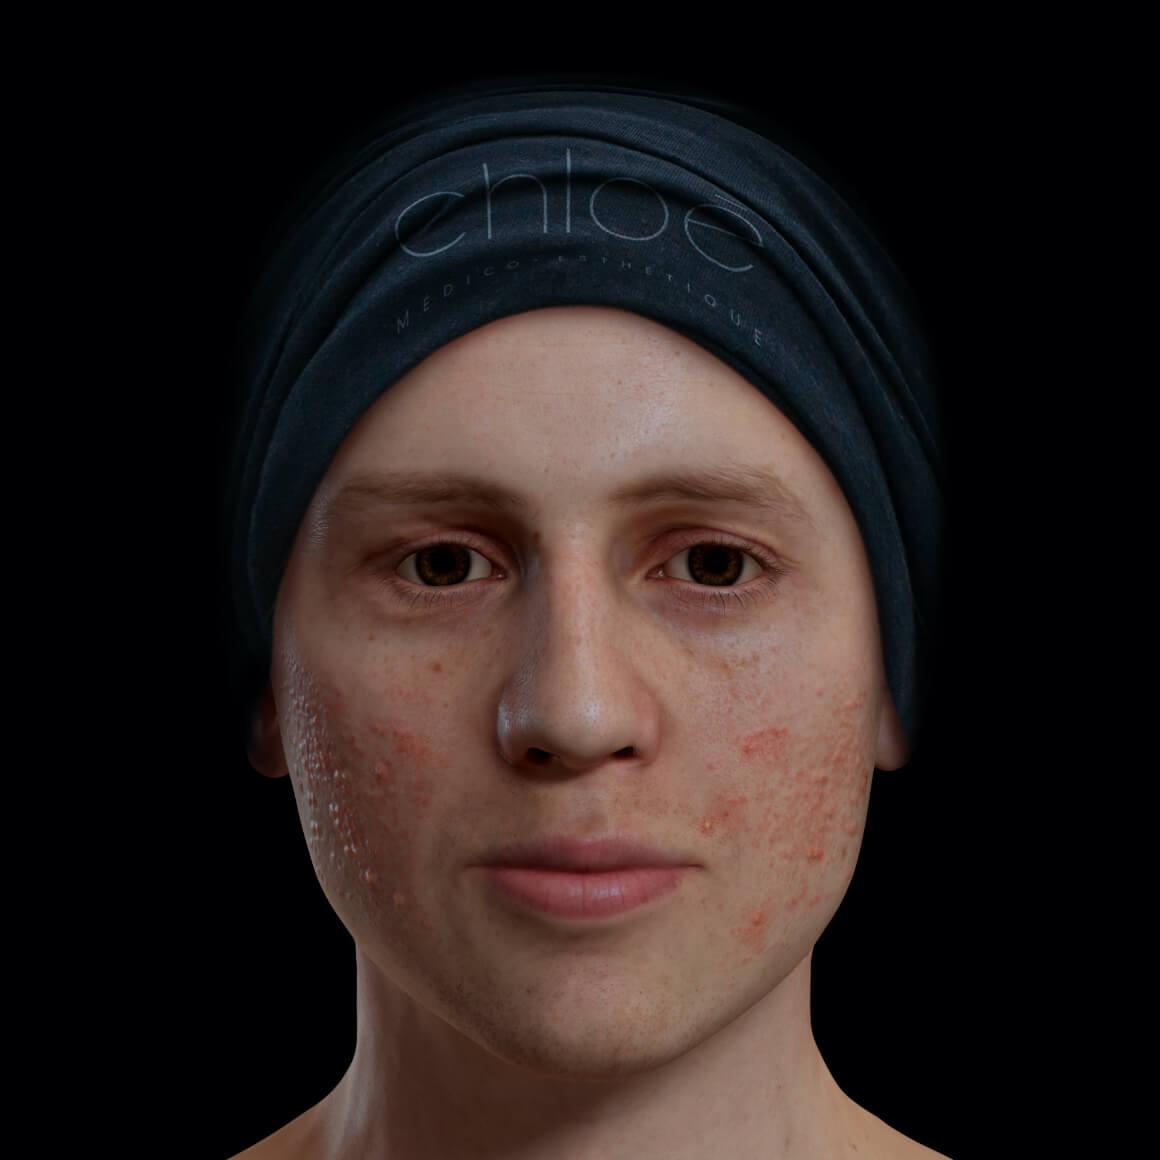 Patient de la Clinique Chloé positionné de face ayant de l'acné active sur le visage